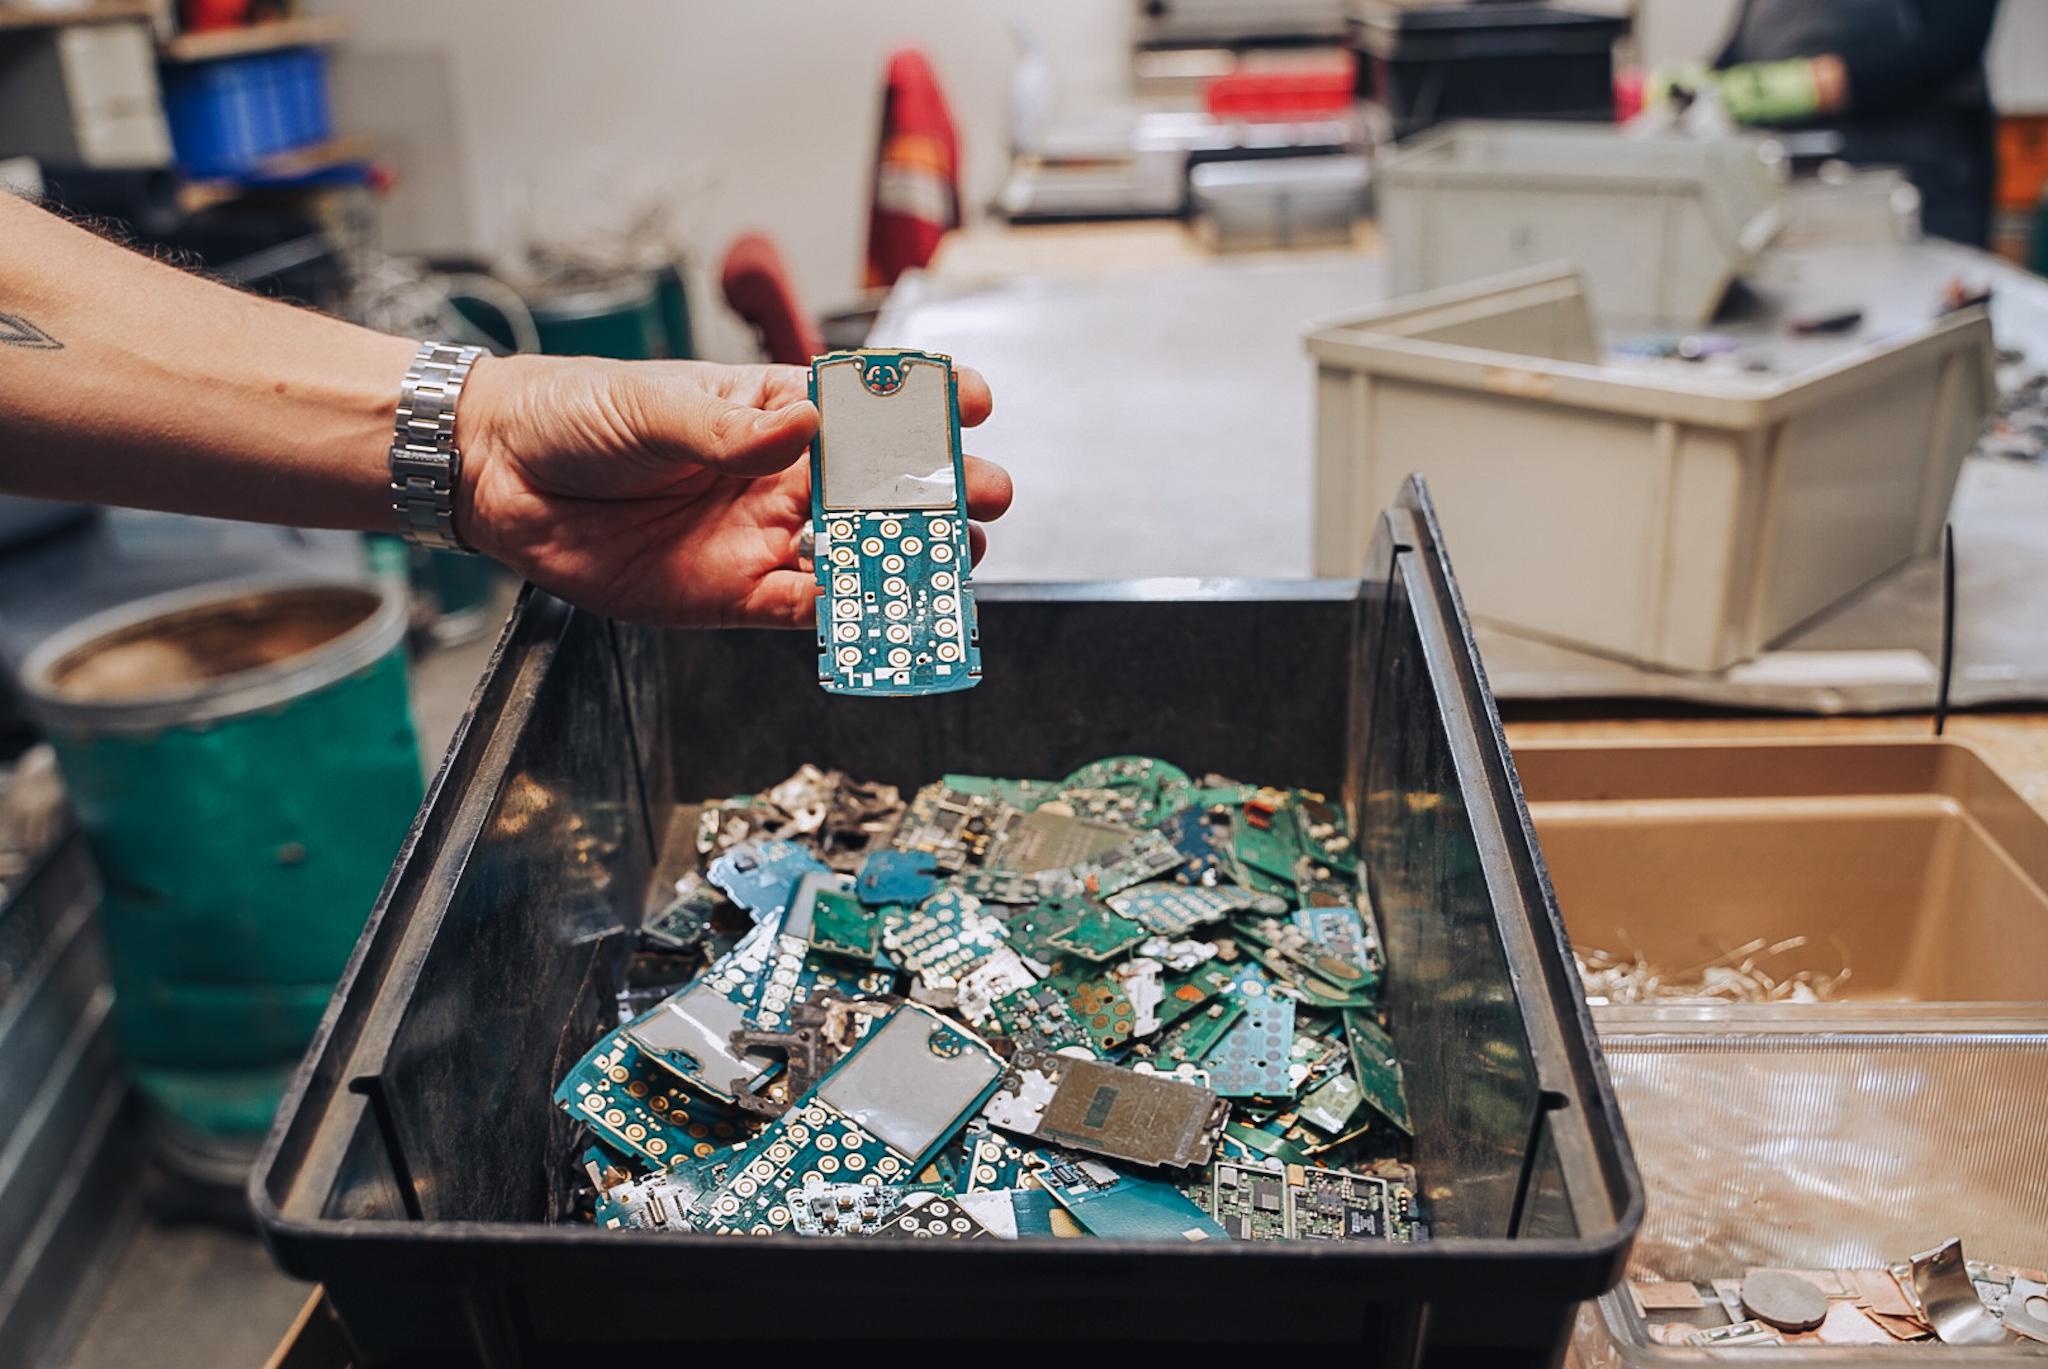 Recyklácia elektroodpadu je ako baníctvo bez baní. Boli sme sa pozrieť v závode na recykláciu